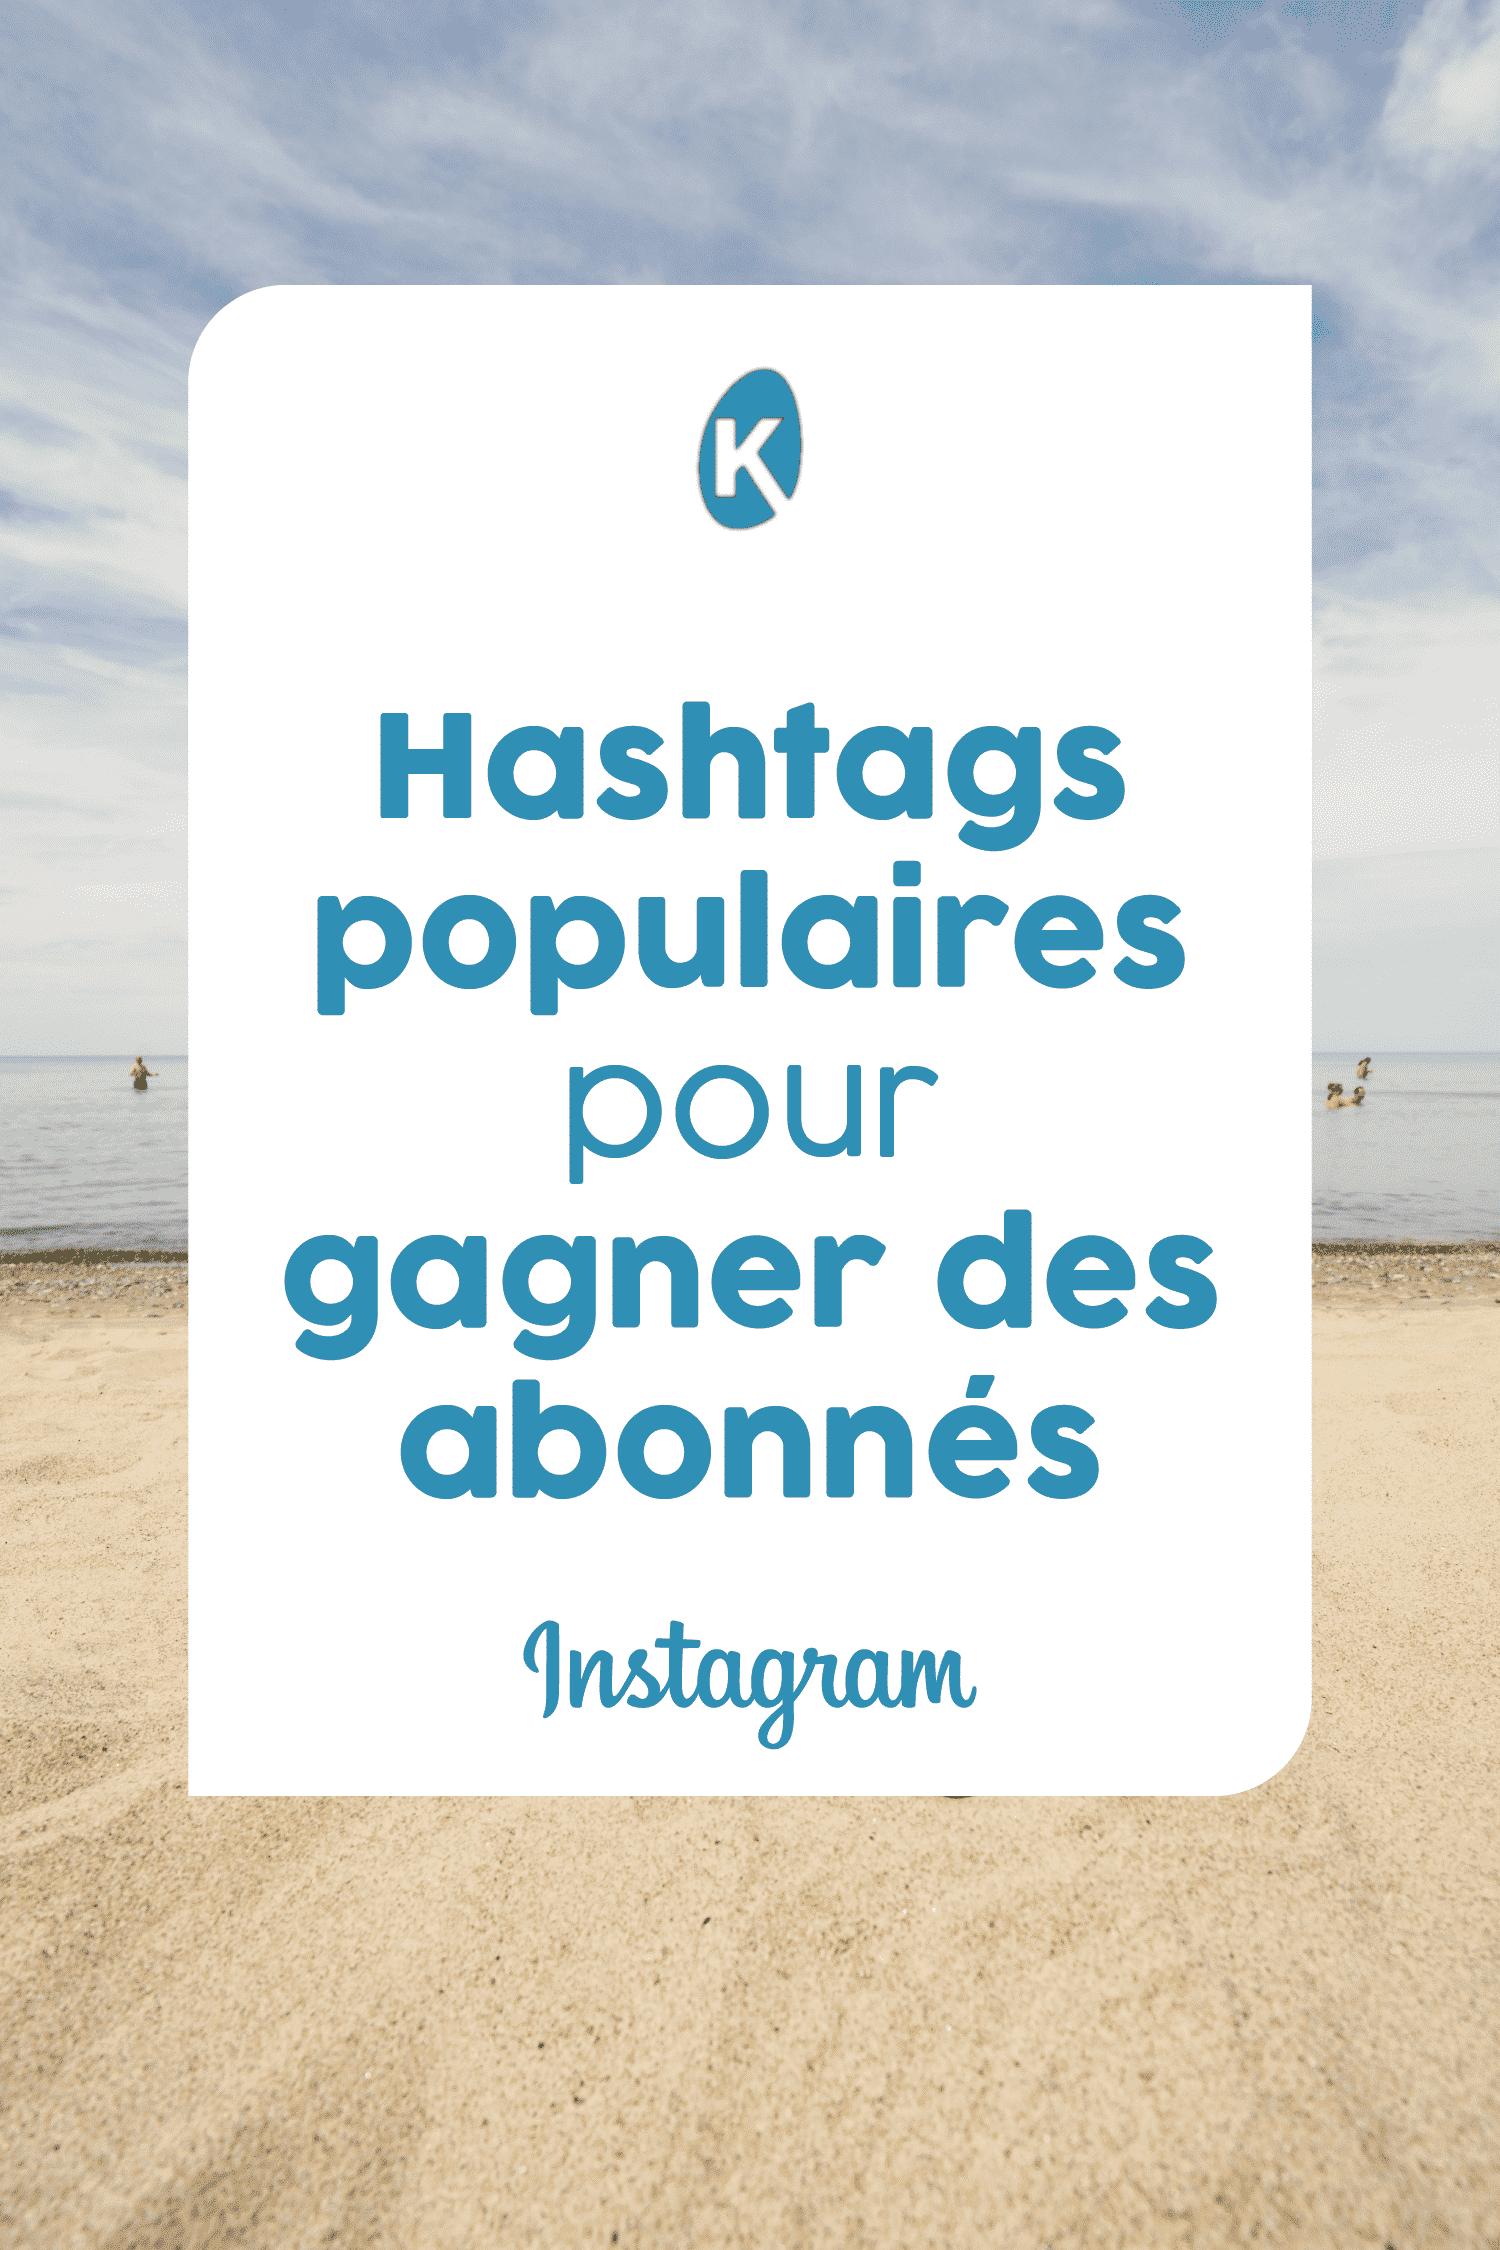 Les hashtags populaires sur Instagram 2020 par secteurs